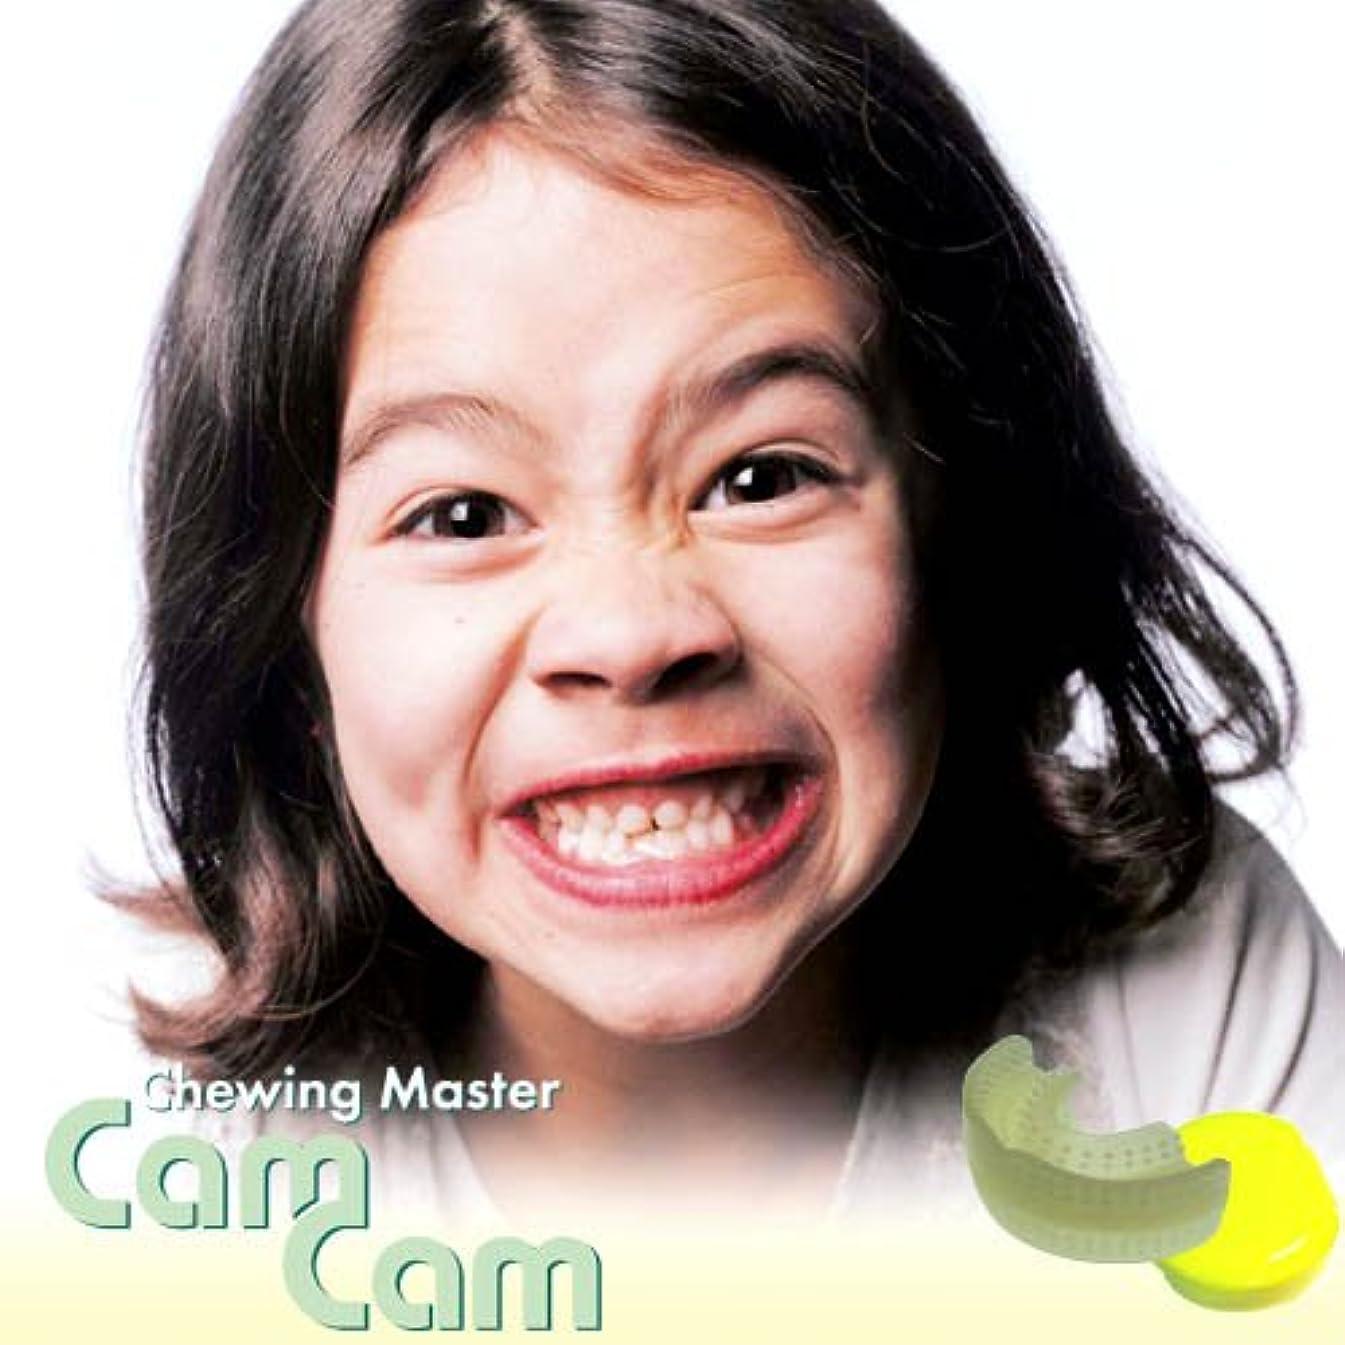 高度中止します助言歯科医師開発 口腔筋機能トレーニングマウスピース【CamCam ST】カムカム (イエロー) 乳歯列期から混合歯列期用